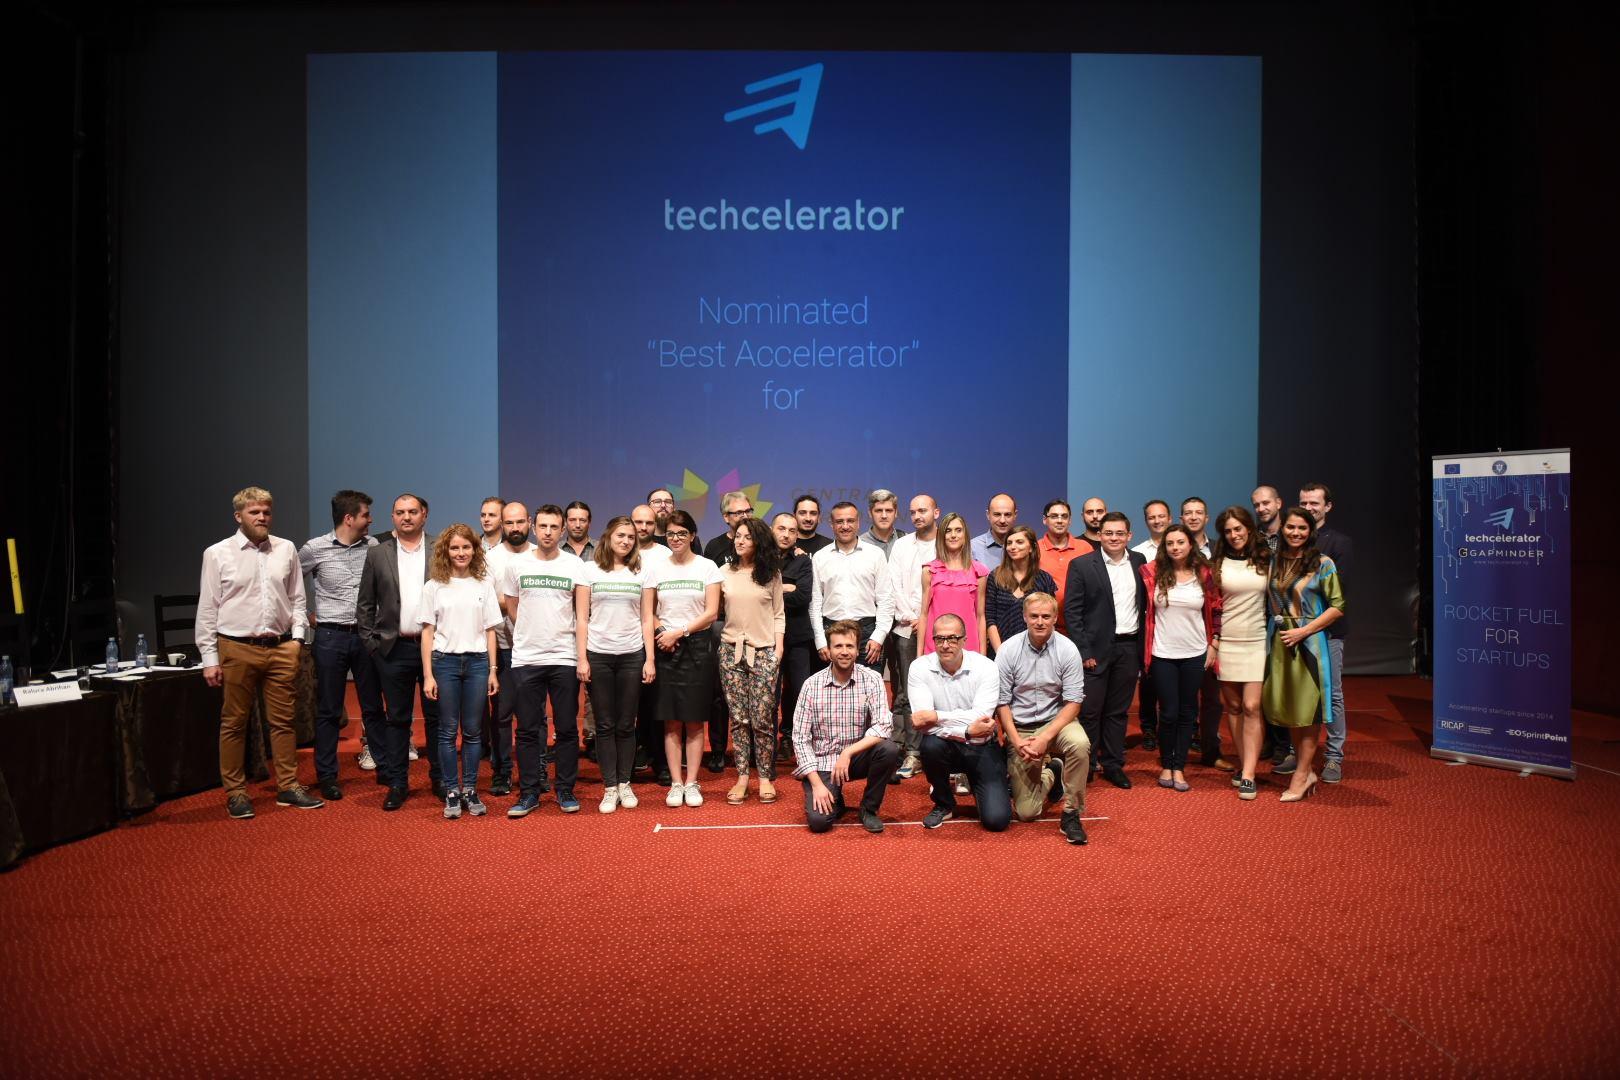 Start-up-ul Safe Ride din programul Techcelerator a primit o nouă rundă de finanțare